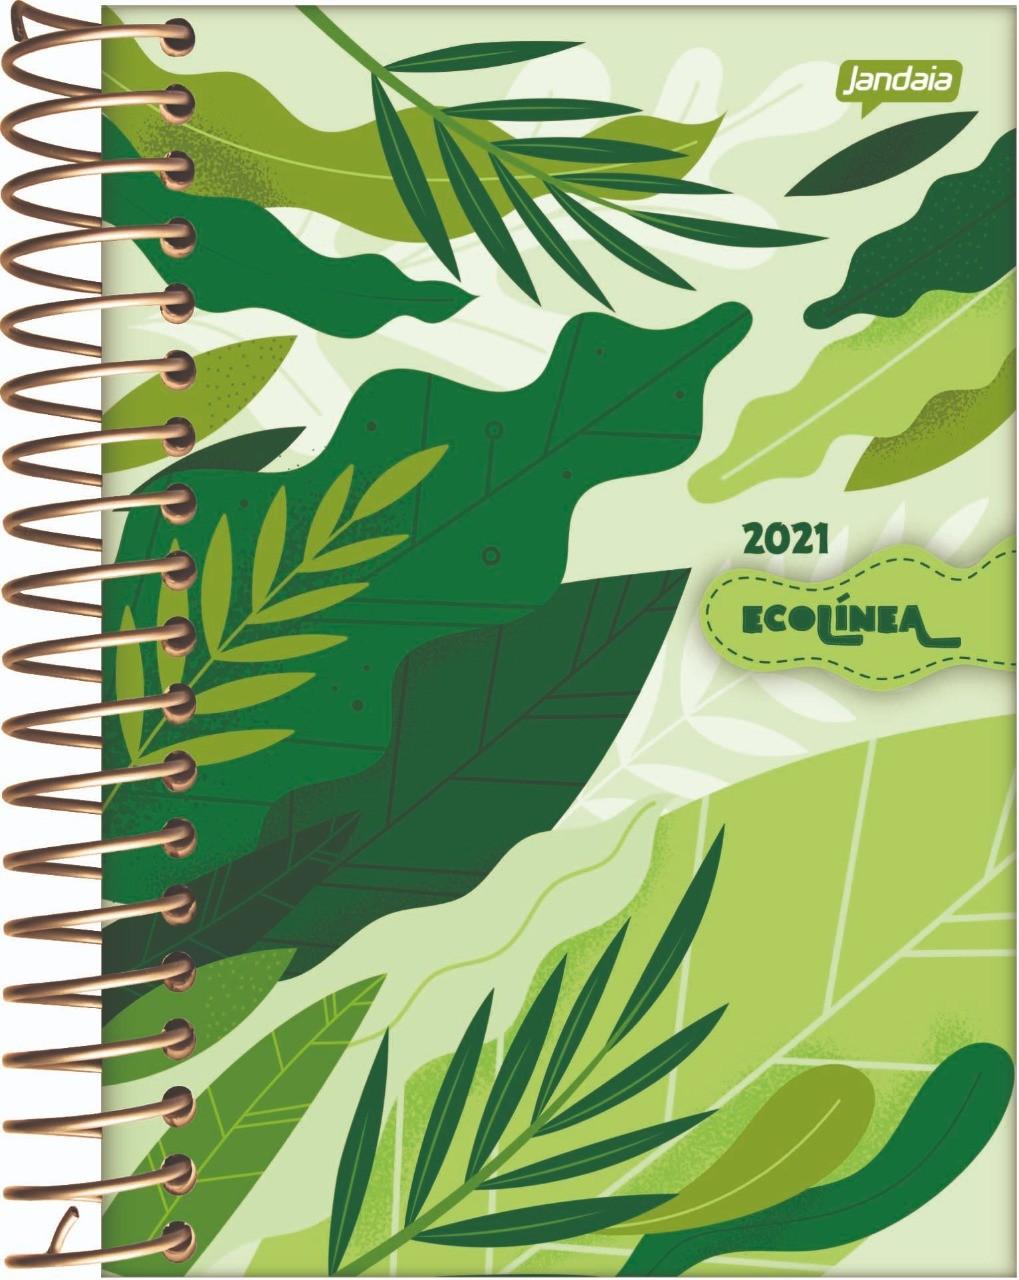 Agenda Diária - Eco Linea - Jandaia